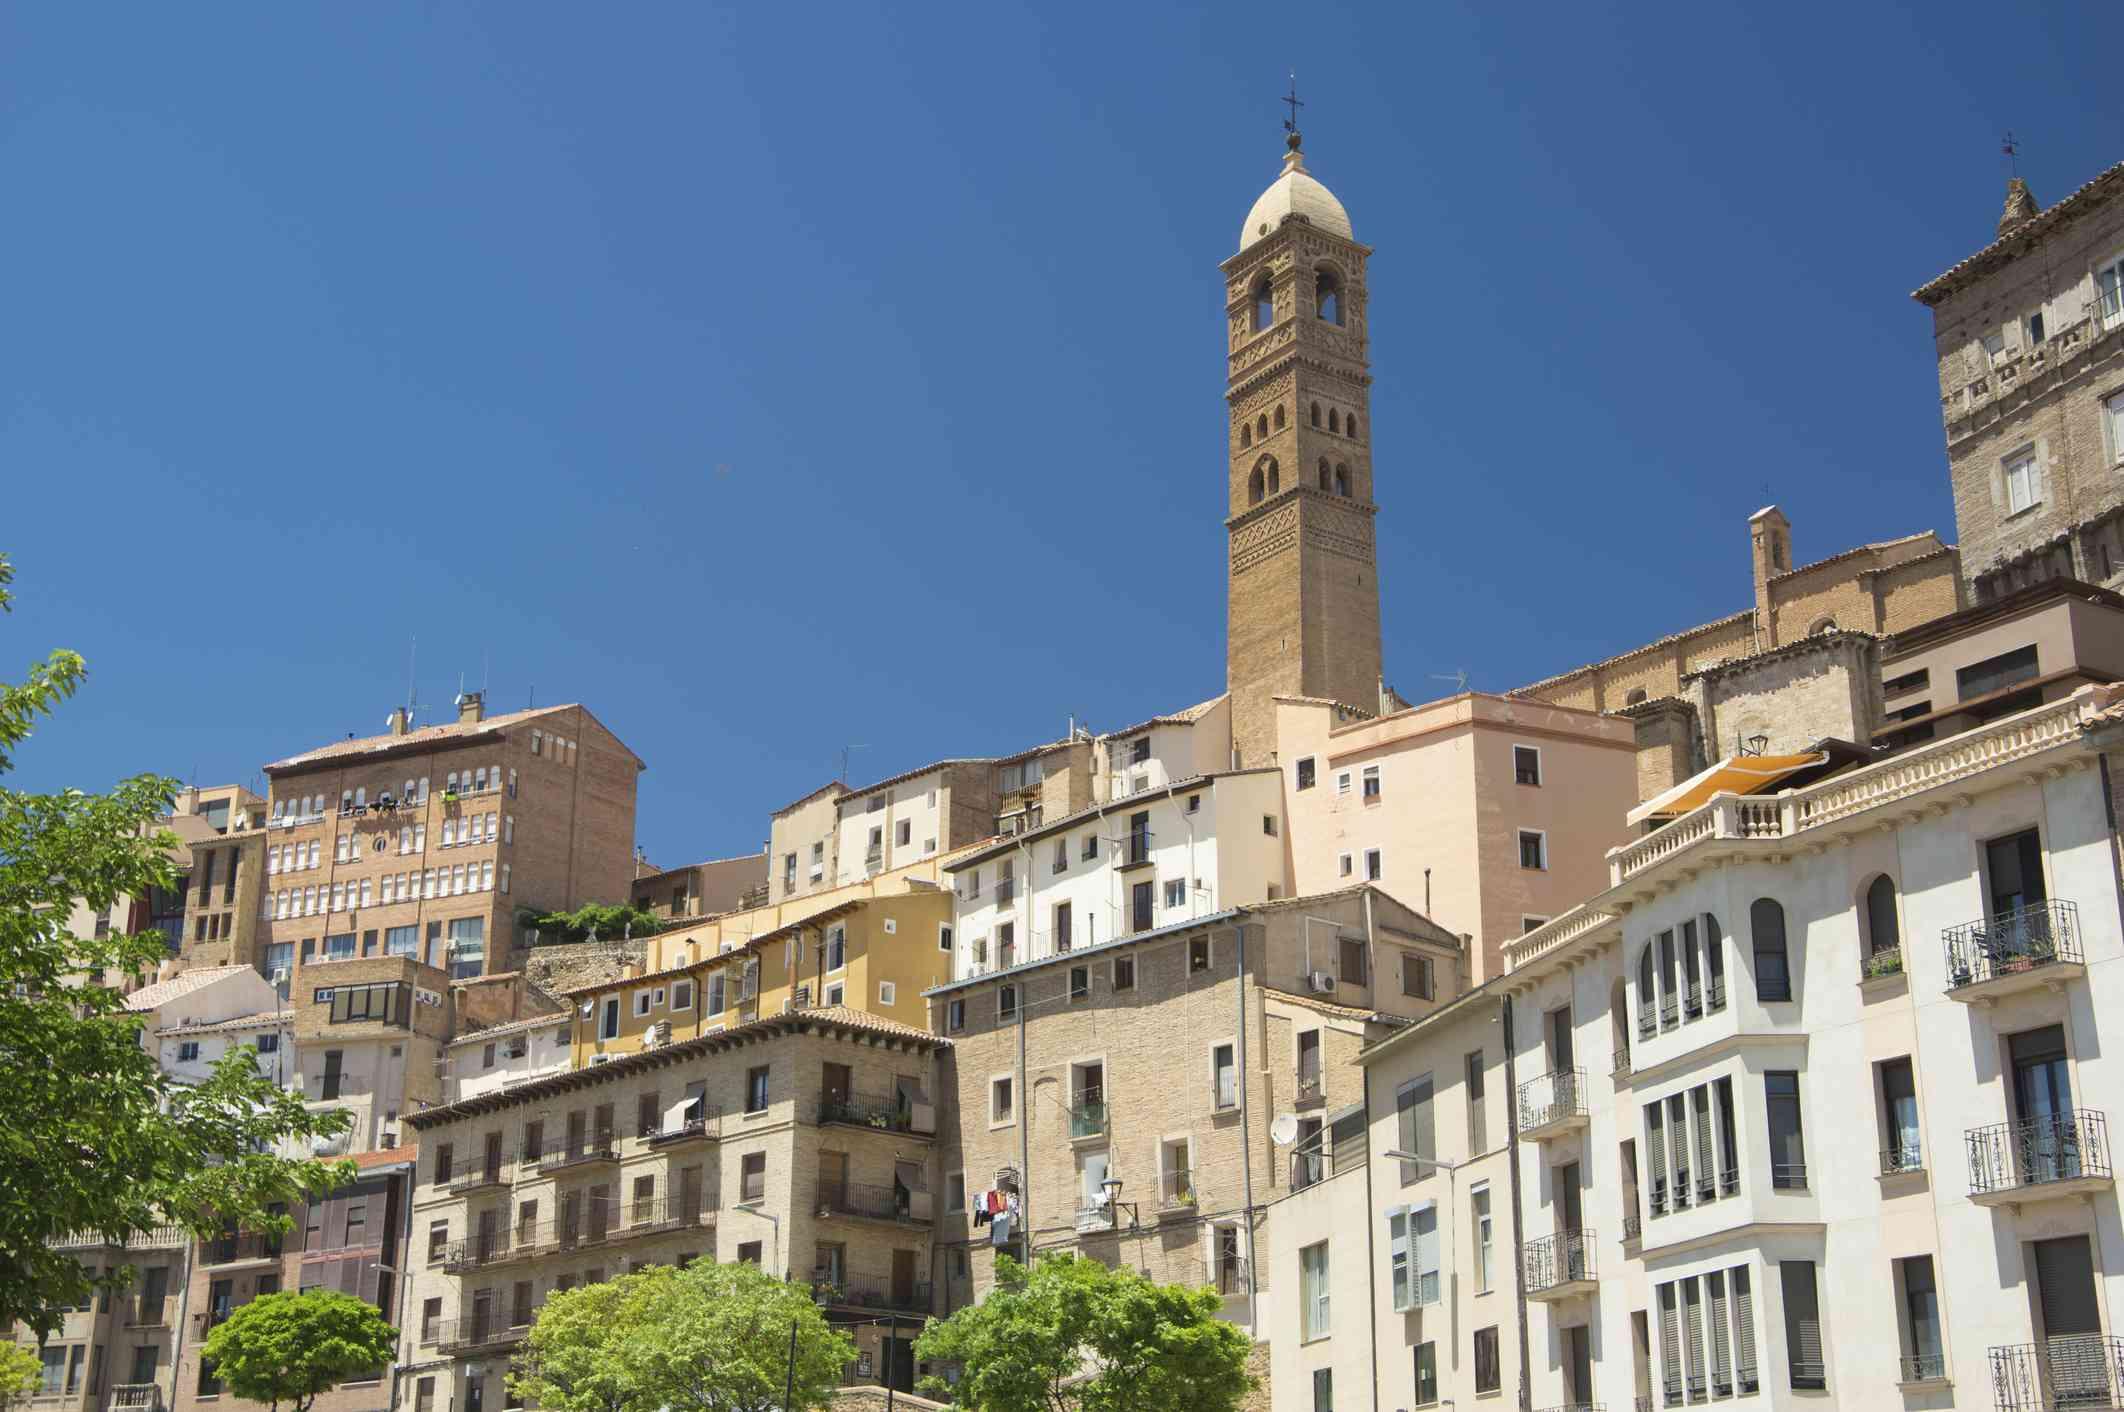 Tarazona and the tower of church of Santa Maria Magdalena - Tarazona - Zaragoza Province - Aragón - Spain